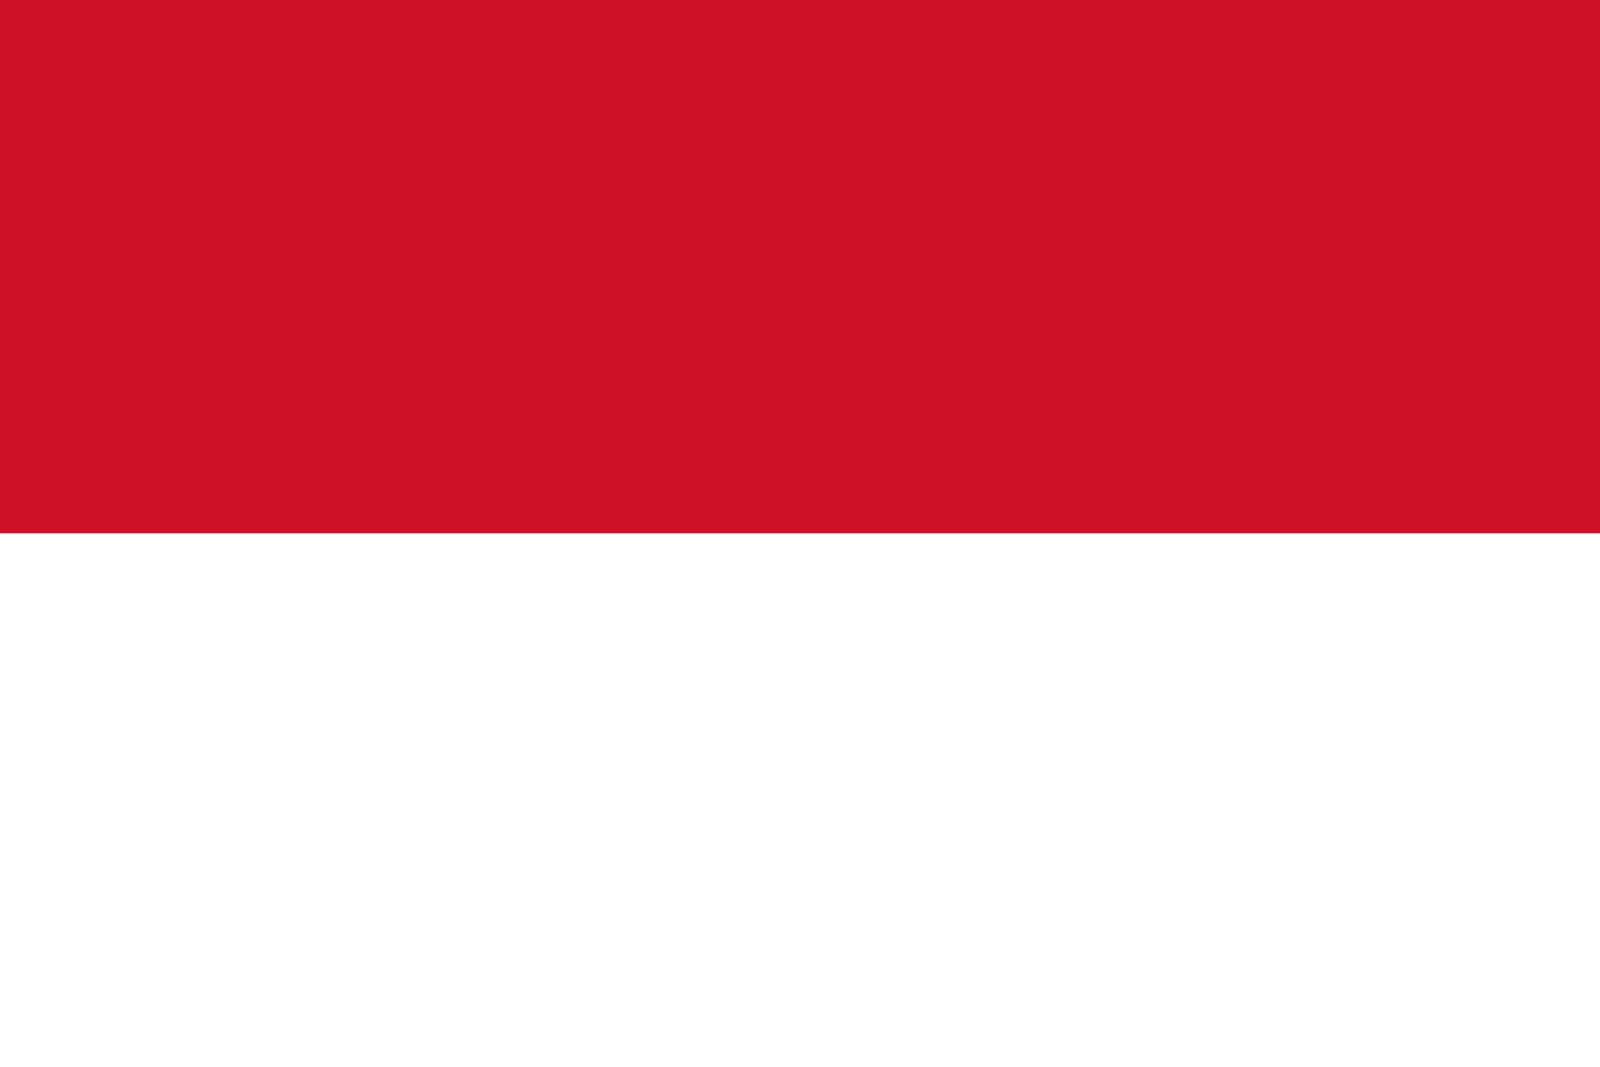 imagenes de banderas hd122 200 Imágenes de Banderas en HD (Wallpapers)